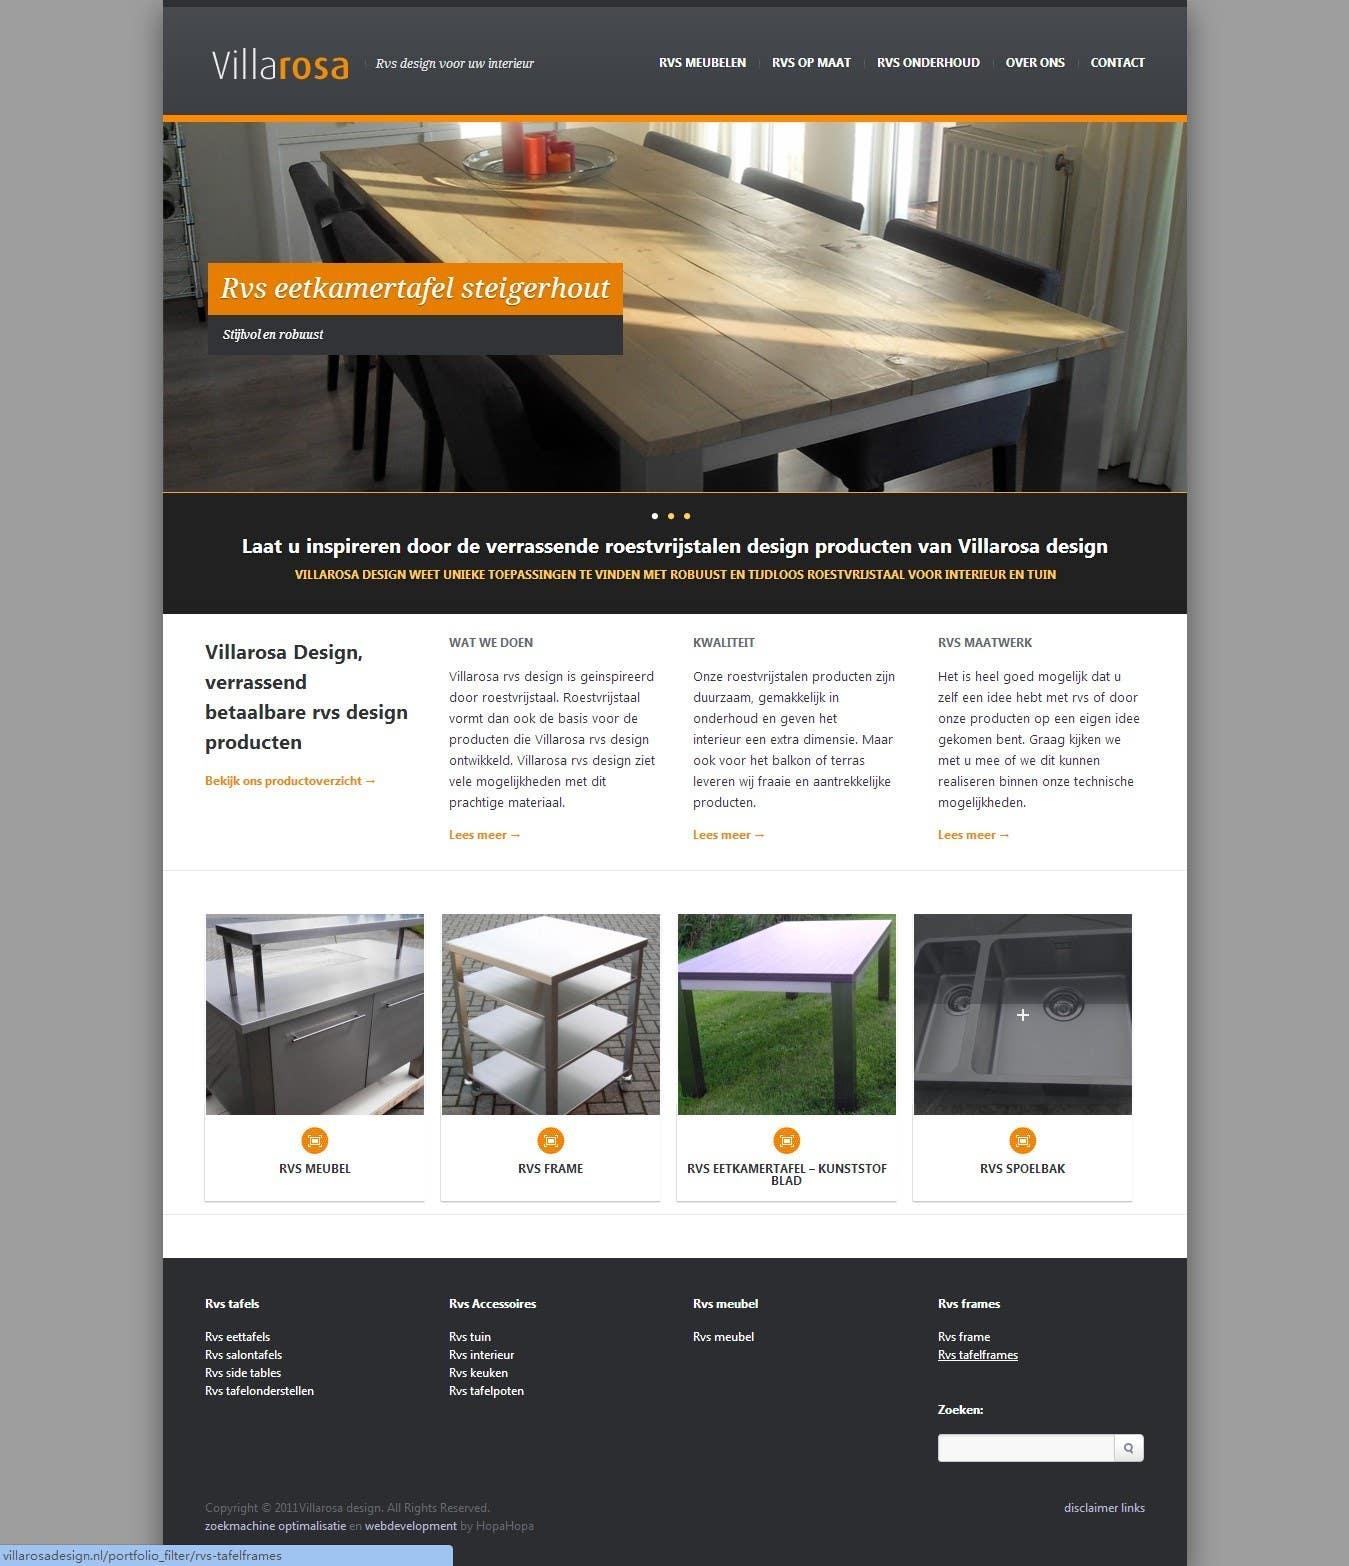 Company webiste